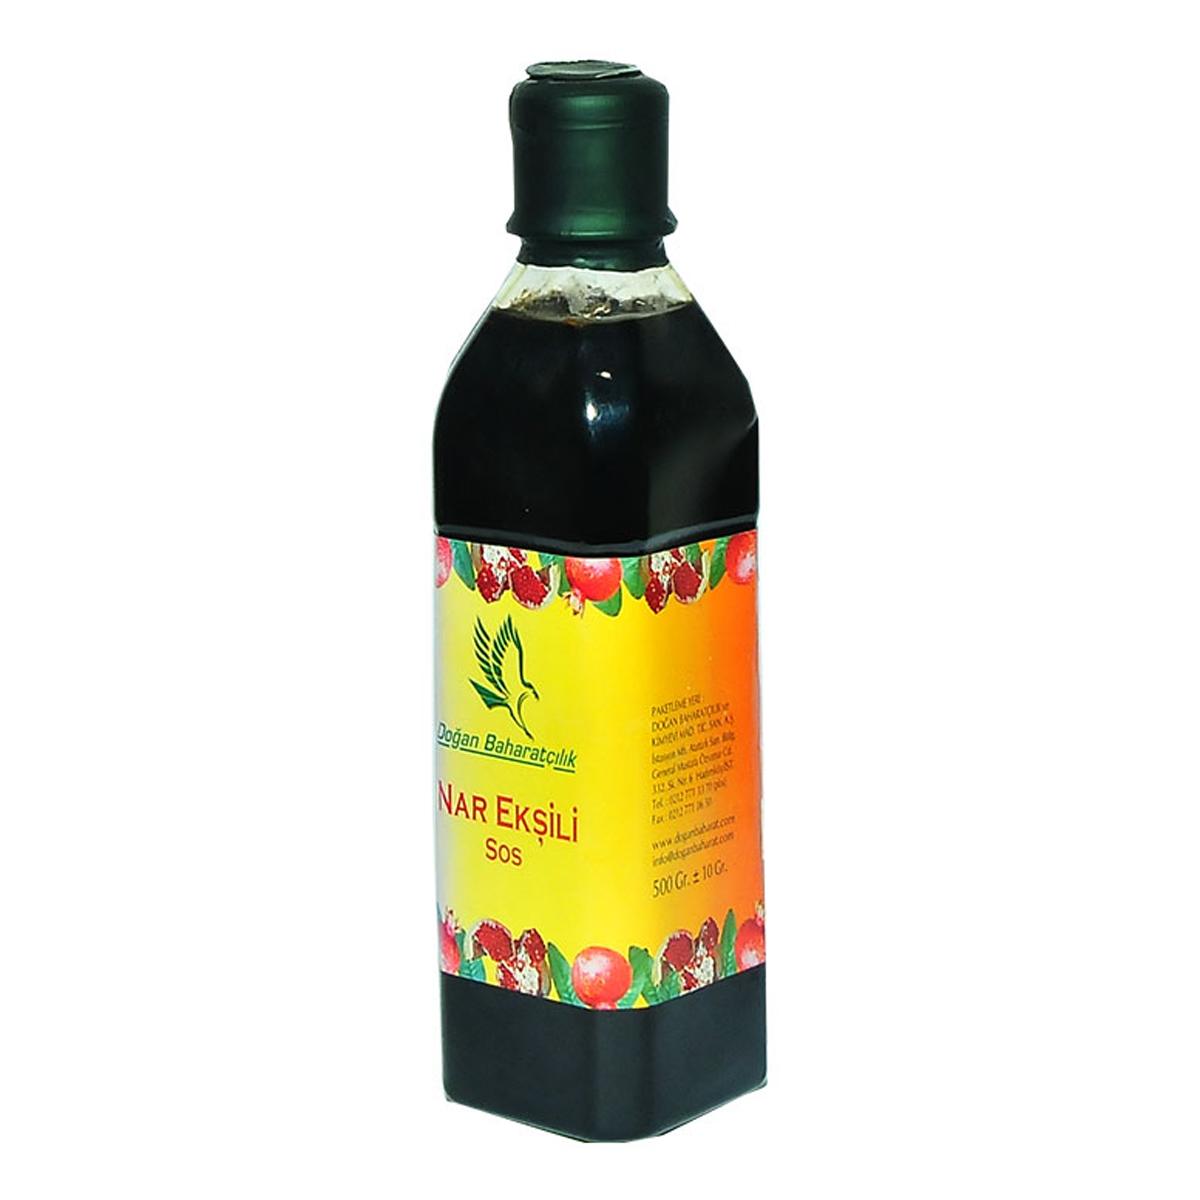 Nar Ekşili Sos 500Gr ürünü LokmanAVM EPttAVM mağazamızdan güvenle satın alabilirsiniz.